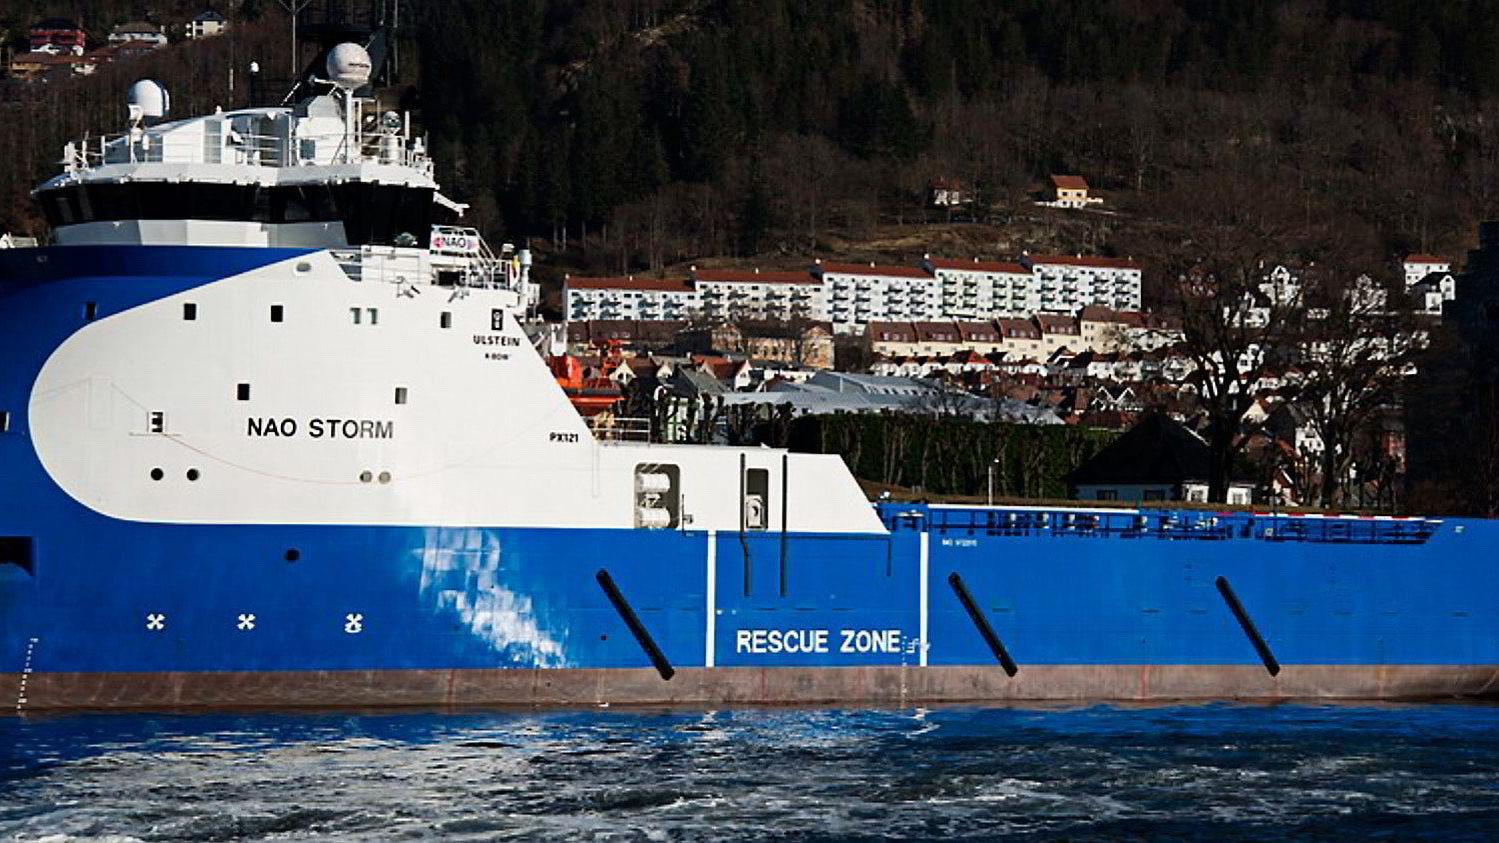 «Nao Storm» drives teknisk av rederiet Remøy Shipping i Fosnavåg. Plattformforsyningsbåten har utstyr for å ta ombord inntil 200 flyktninger.